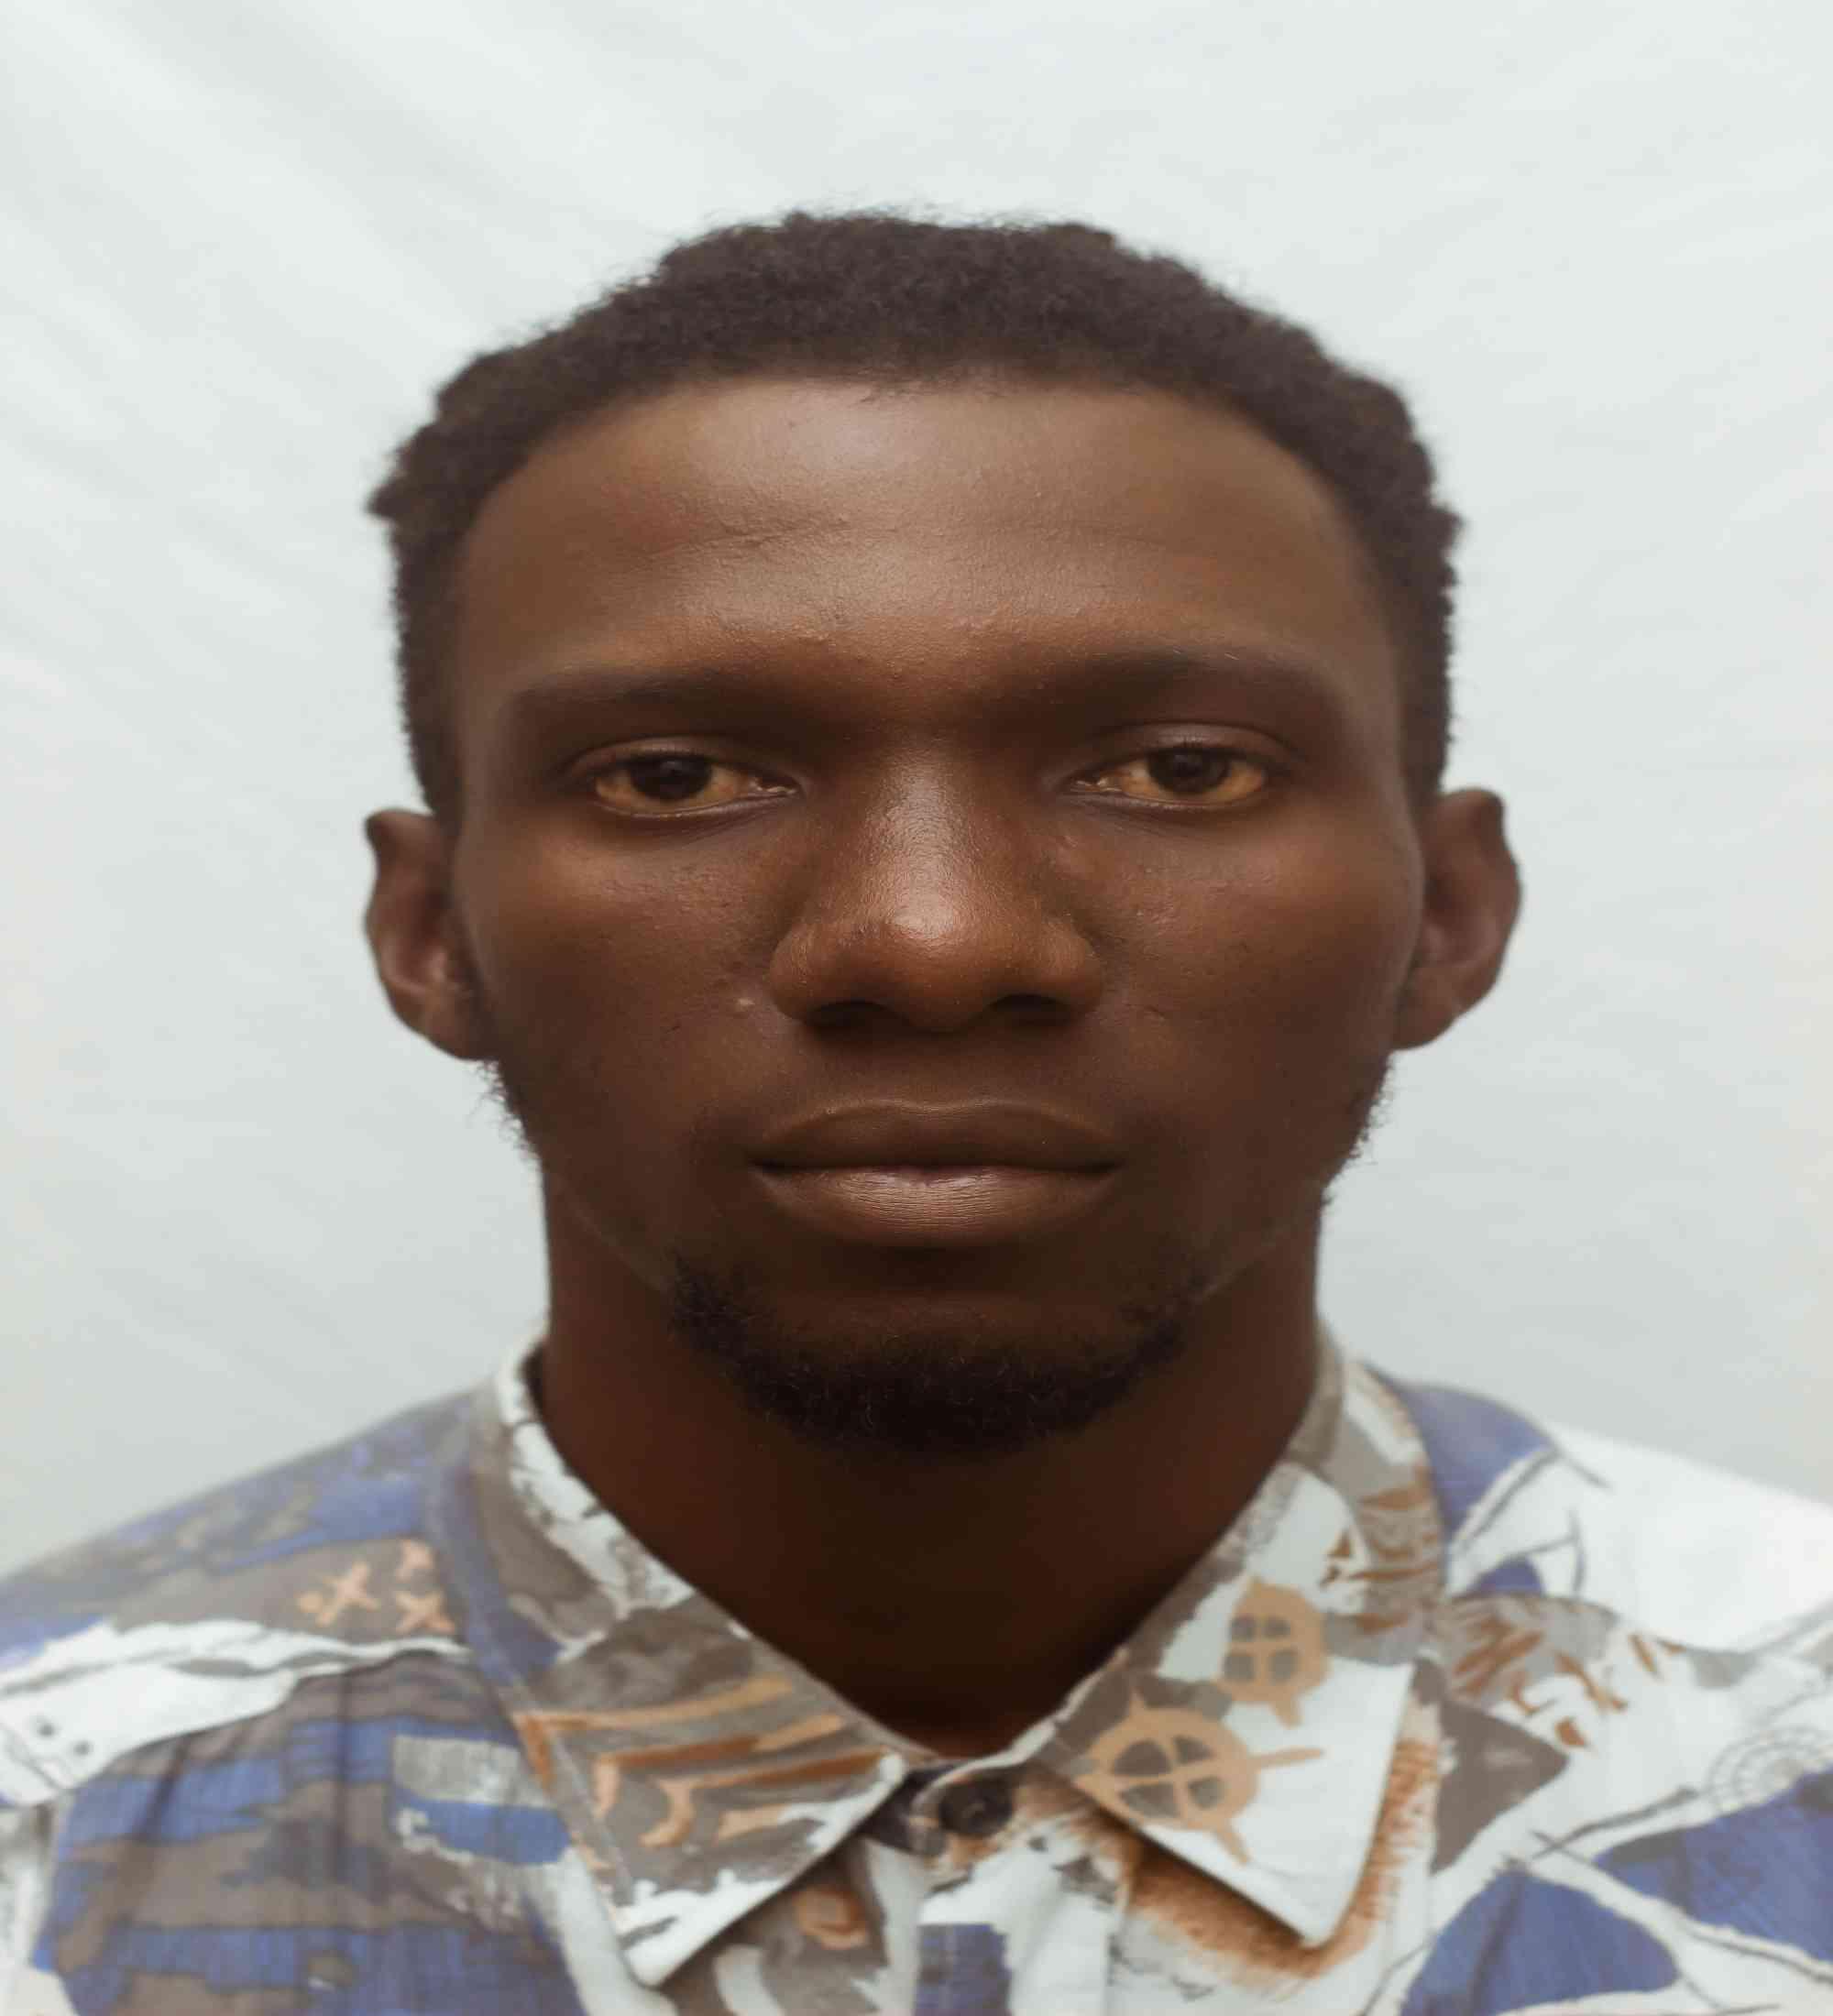 Paschal Odinakachukwu Obikwelu